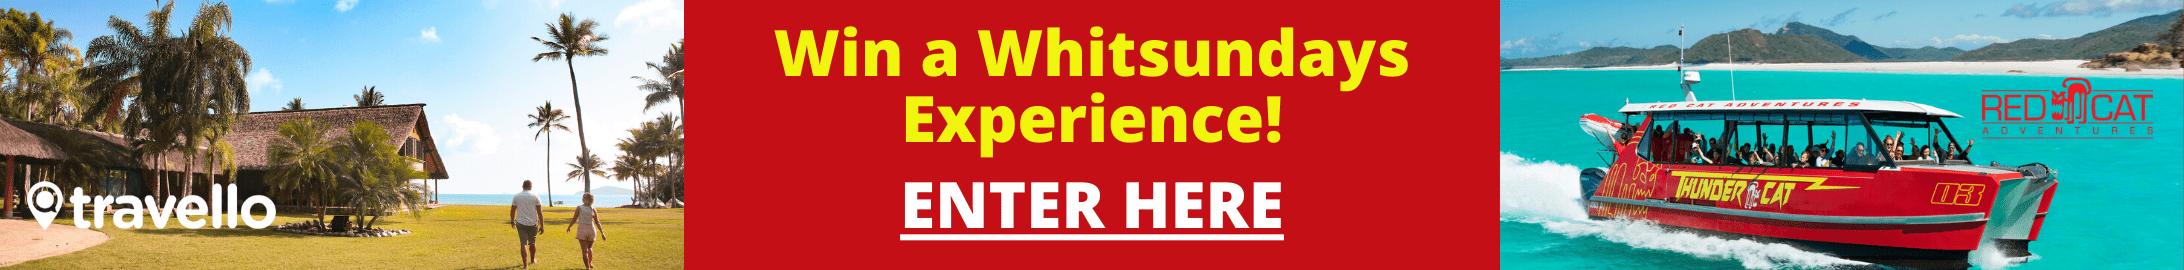 Win a Queensland adventure